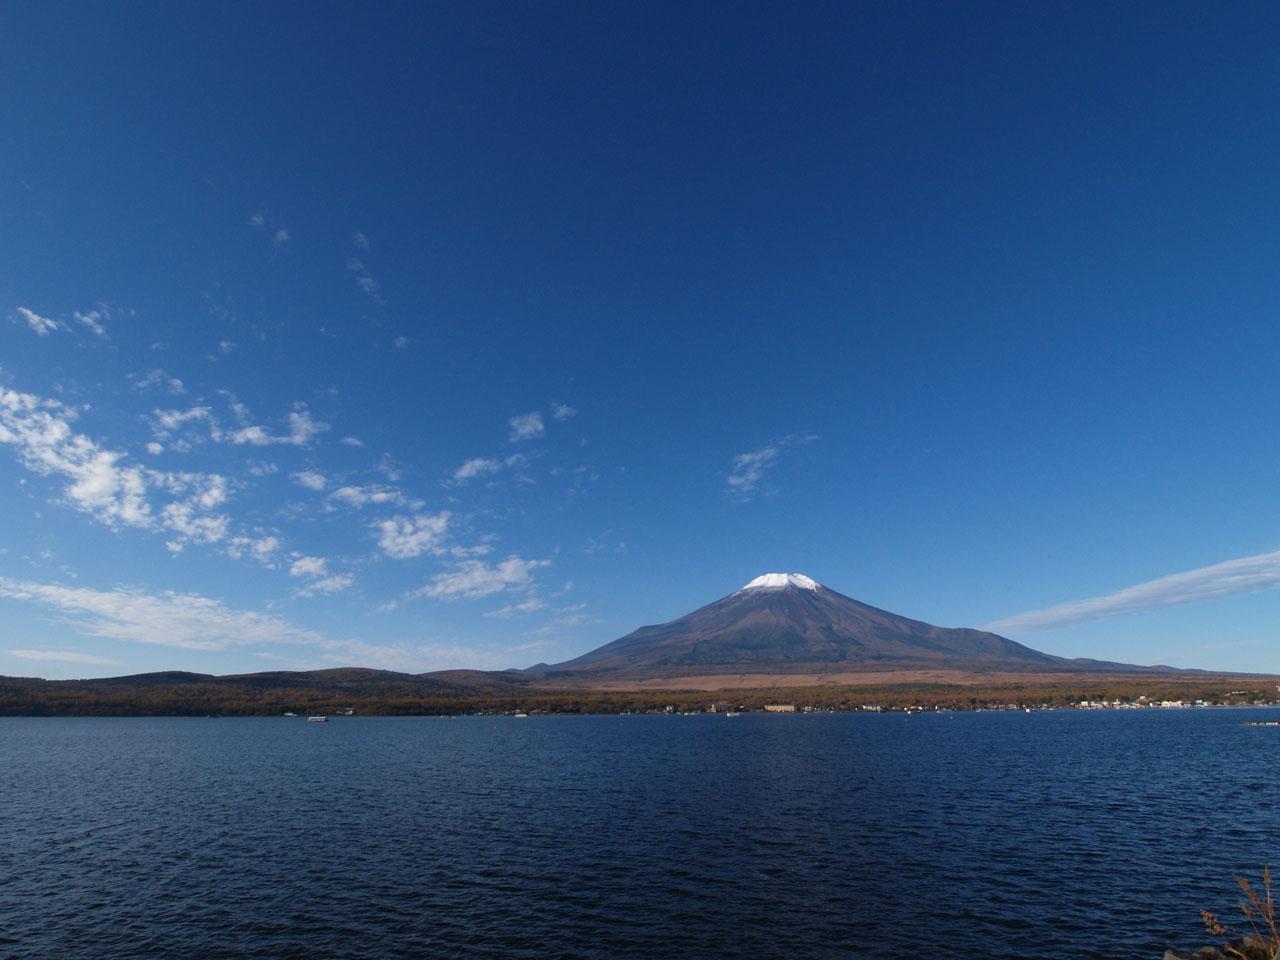 E-300と富士山と・・・_b0021375_1833770.jpg